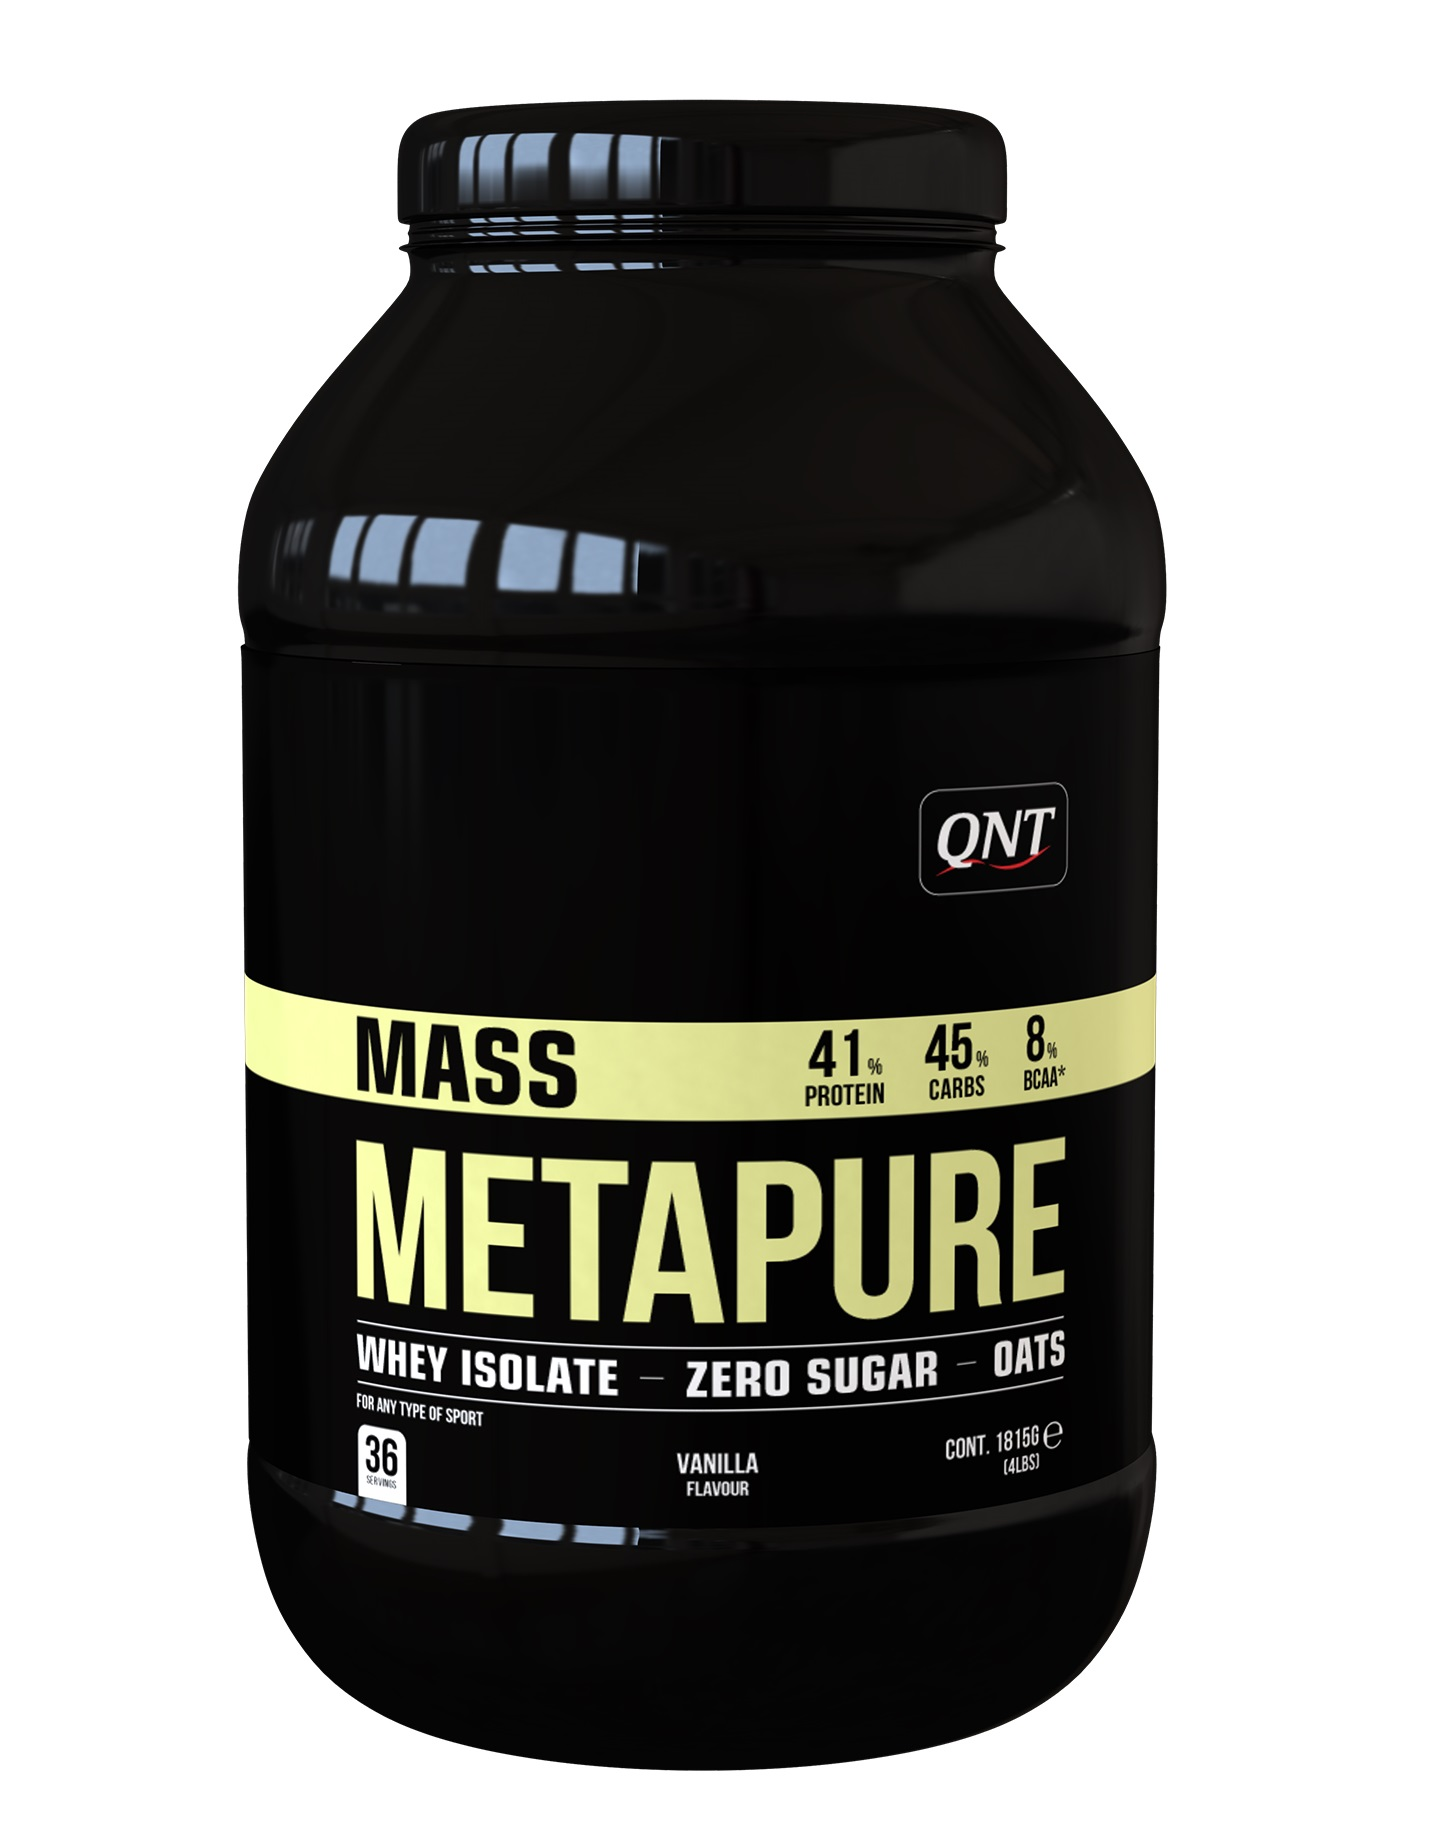 Купить QNT Добавка биологически активная к пище Масс метапьюр, Ваниль / METAPURE MASS Vanilla 1815 г